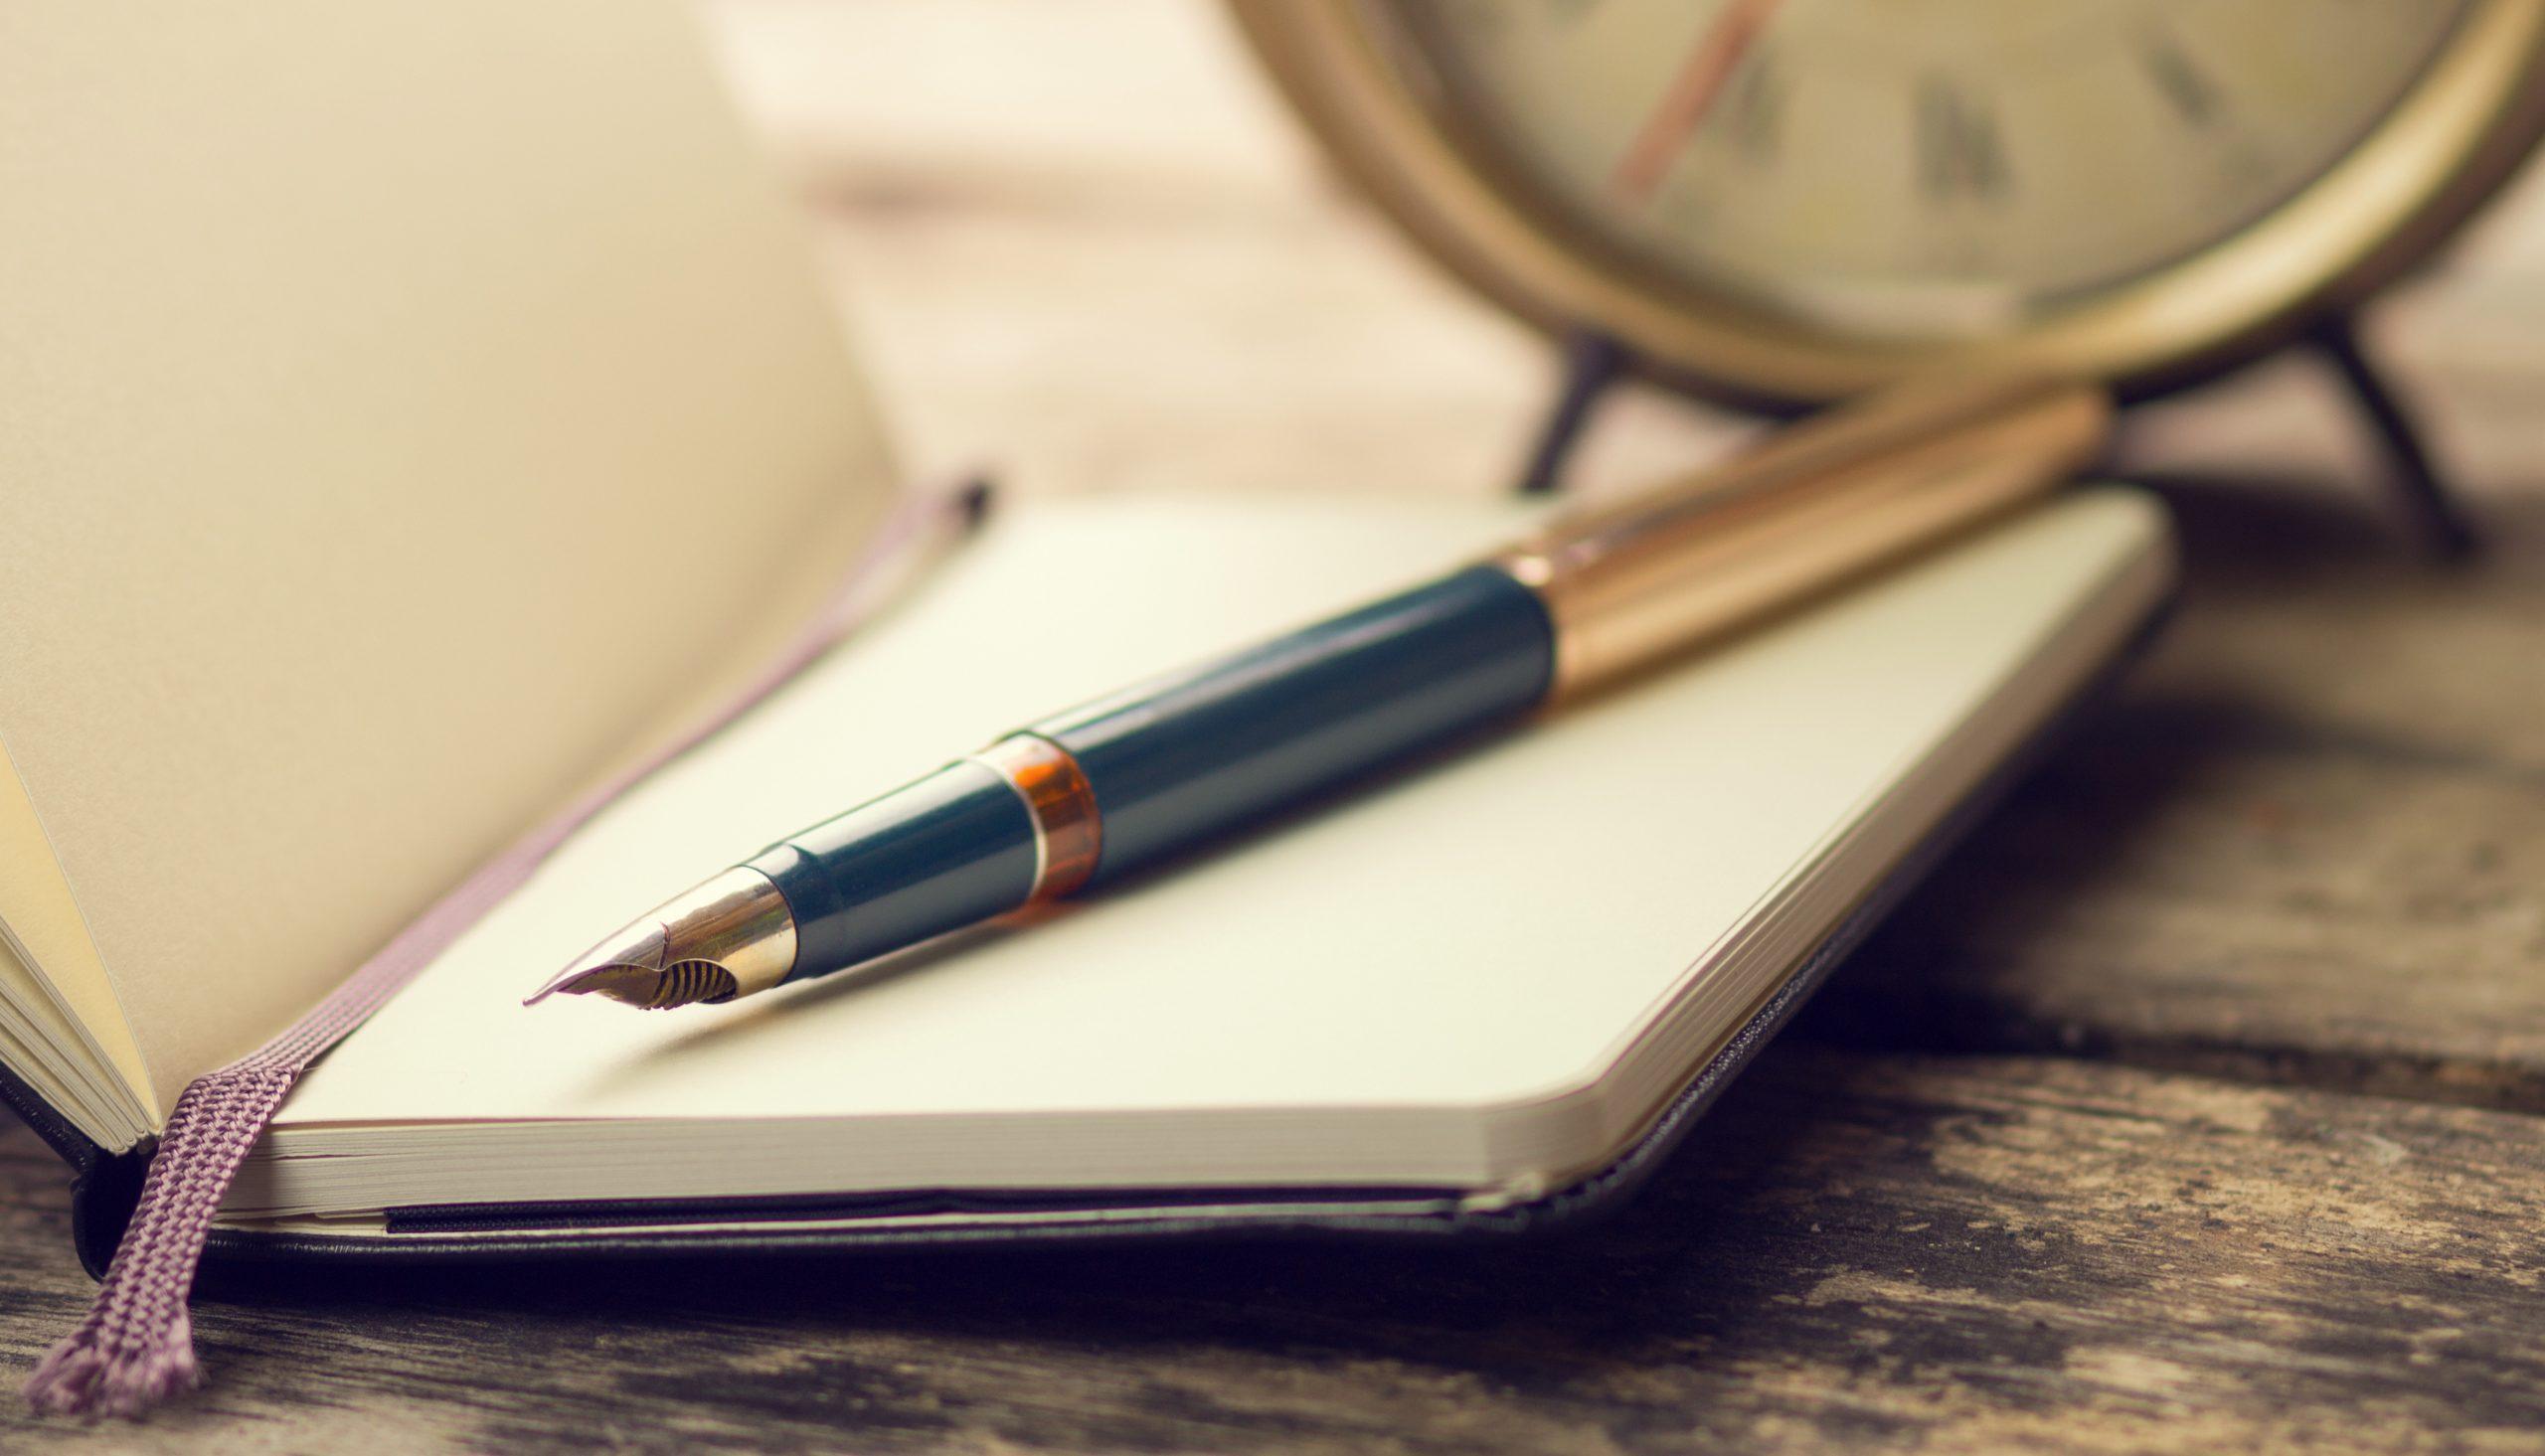 Miglior penna stilografica 2021: Guida all'acquisto